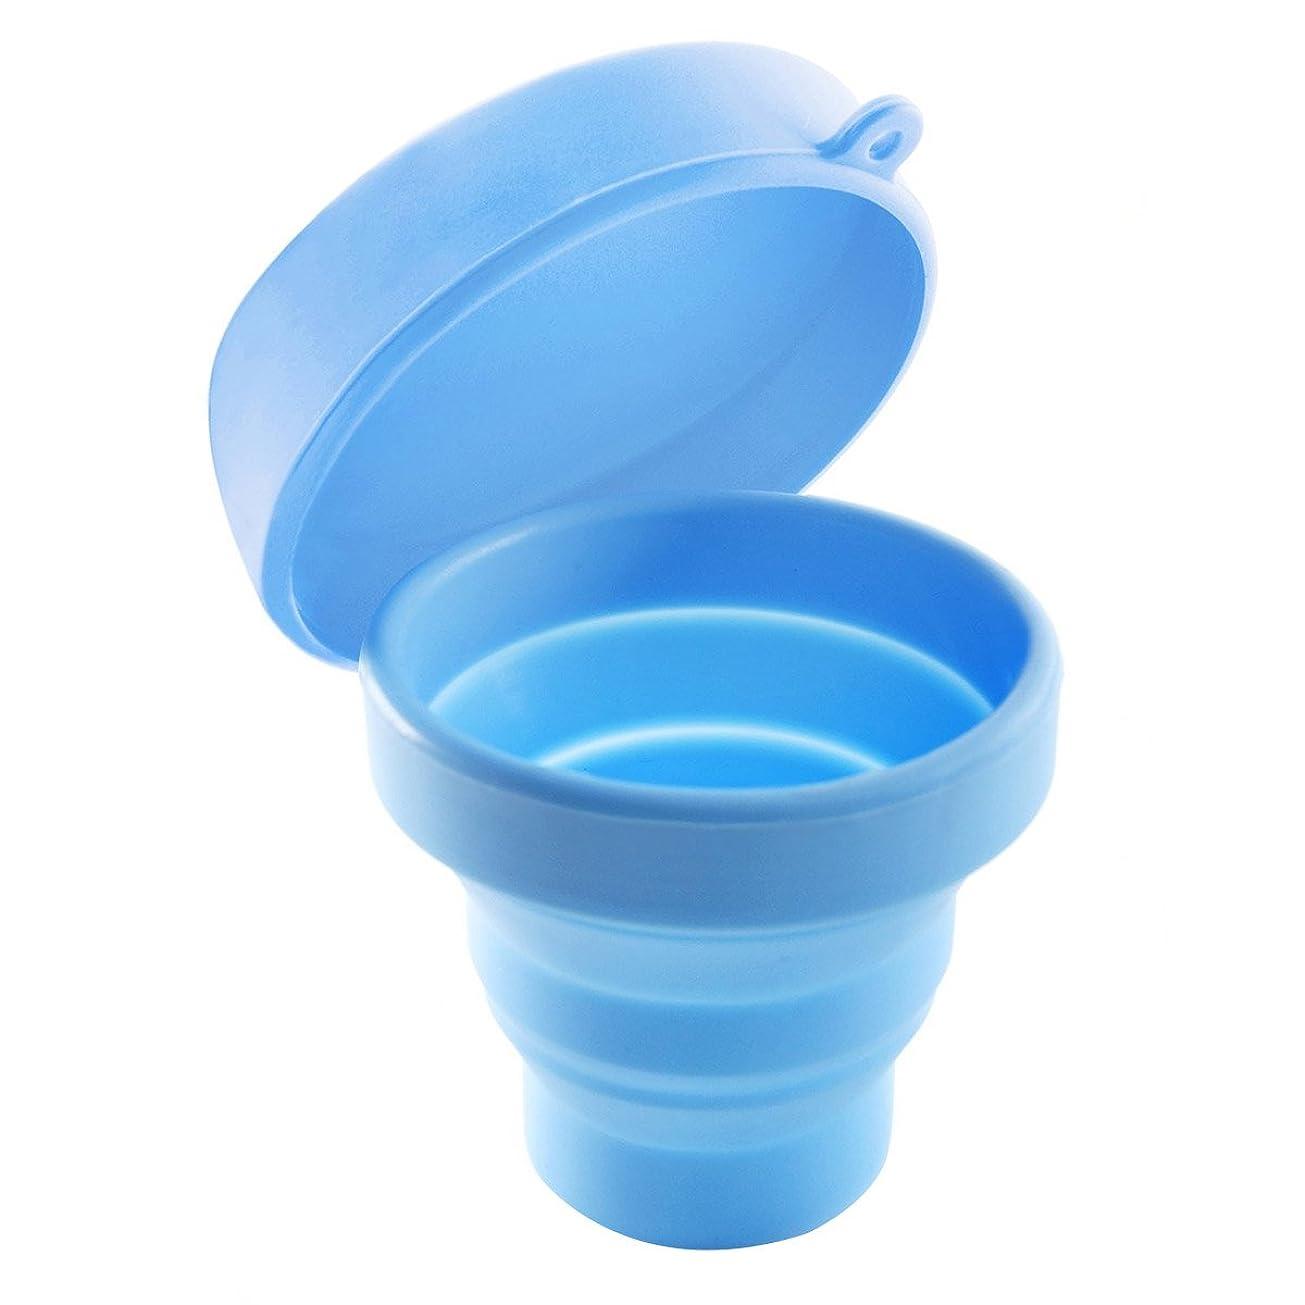 ぬるい留め金上へROSENICE 折りたたみ式カップ(蓋付き)ポータブルポップアップカップ(キャンプ用)ピクニックハイキングアウトドアアクティビティ(ブルー)